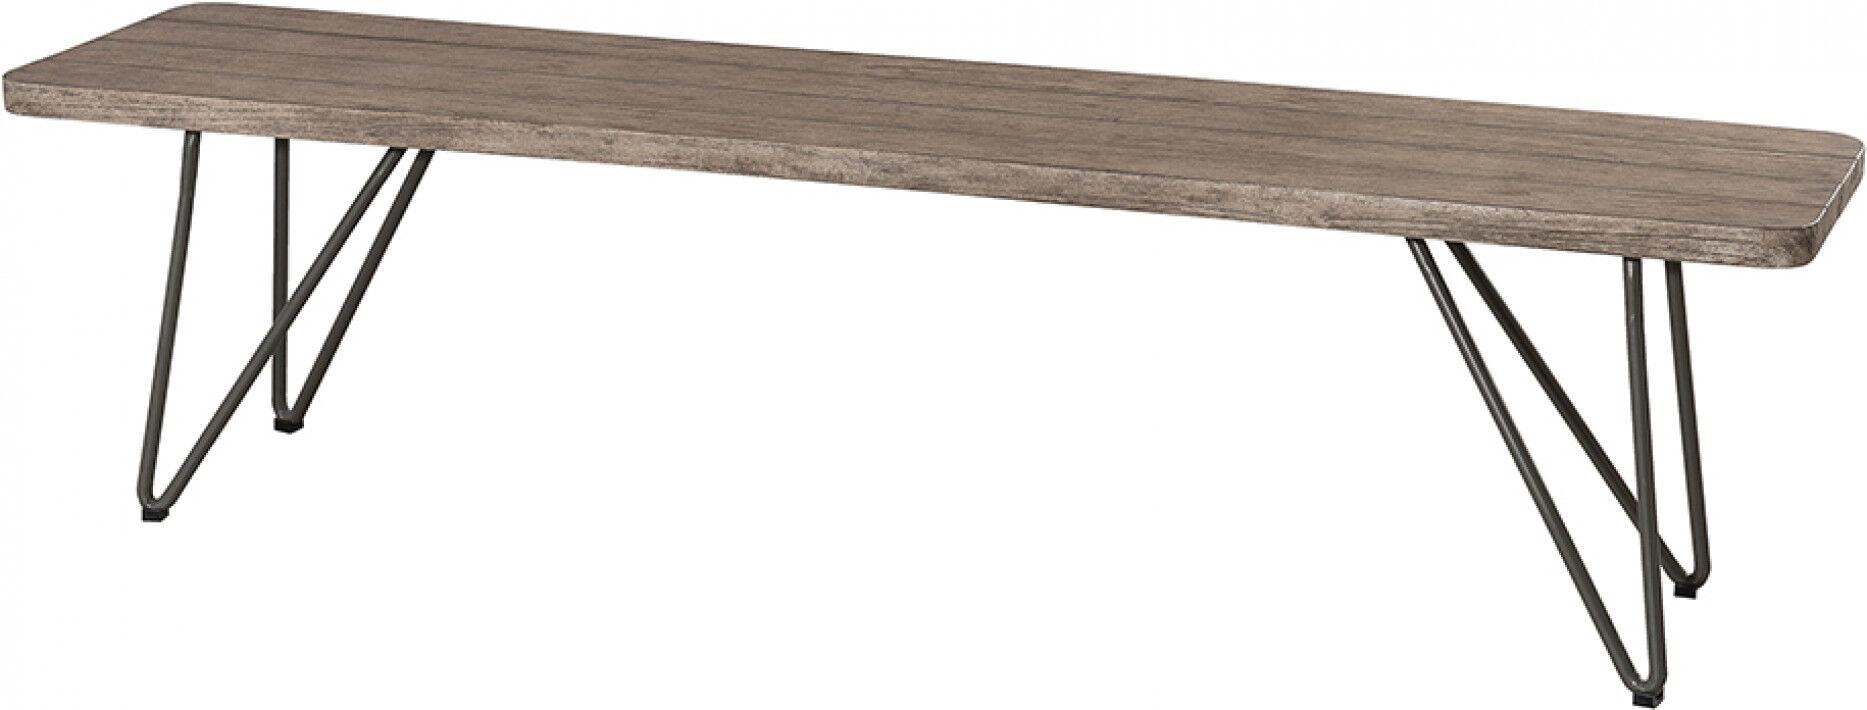 Destock Meubles Banc de jardin acier gris assise teck naturel pieds scandi